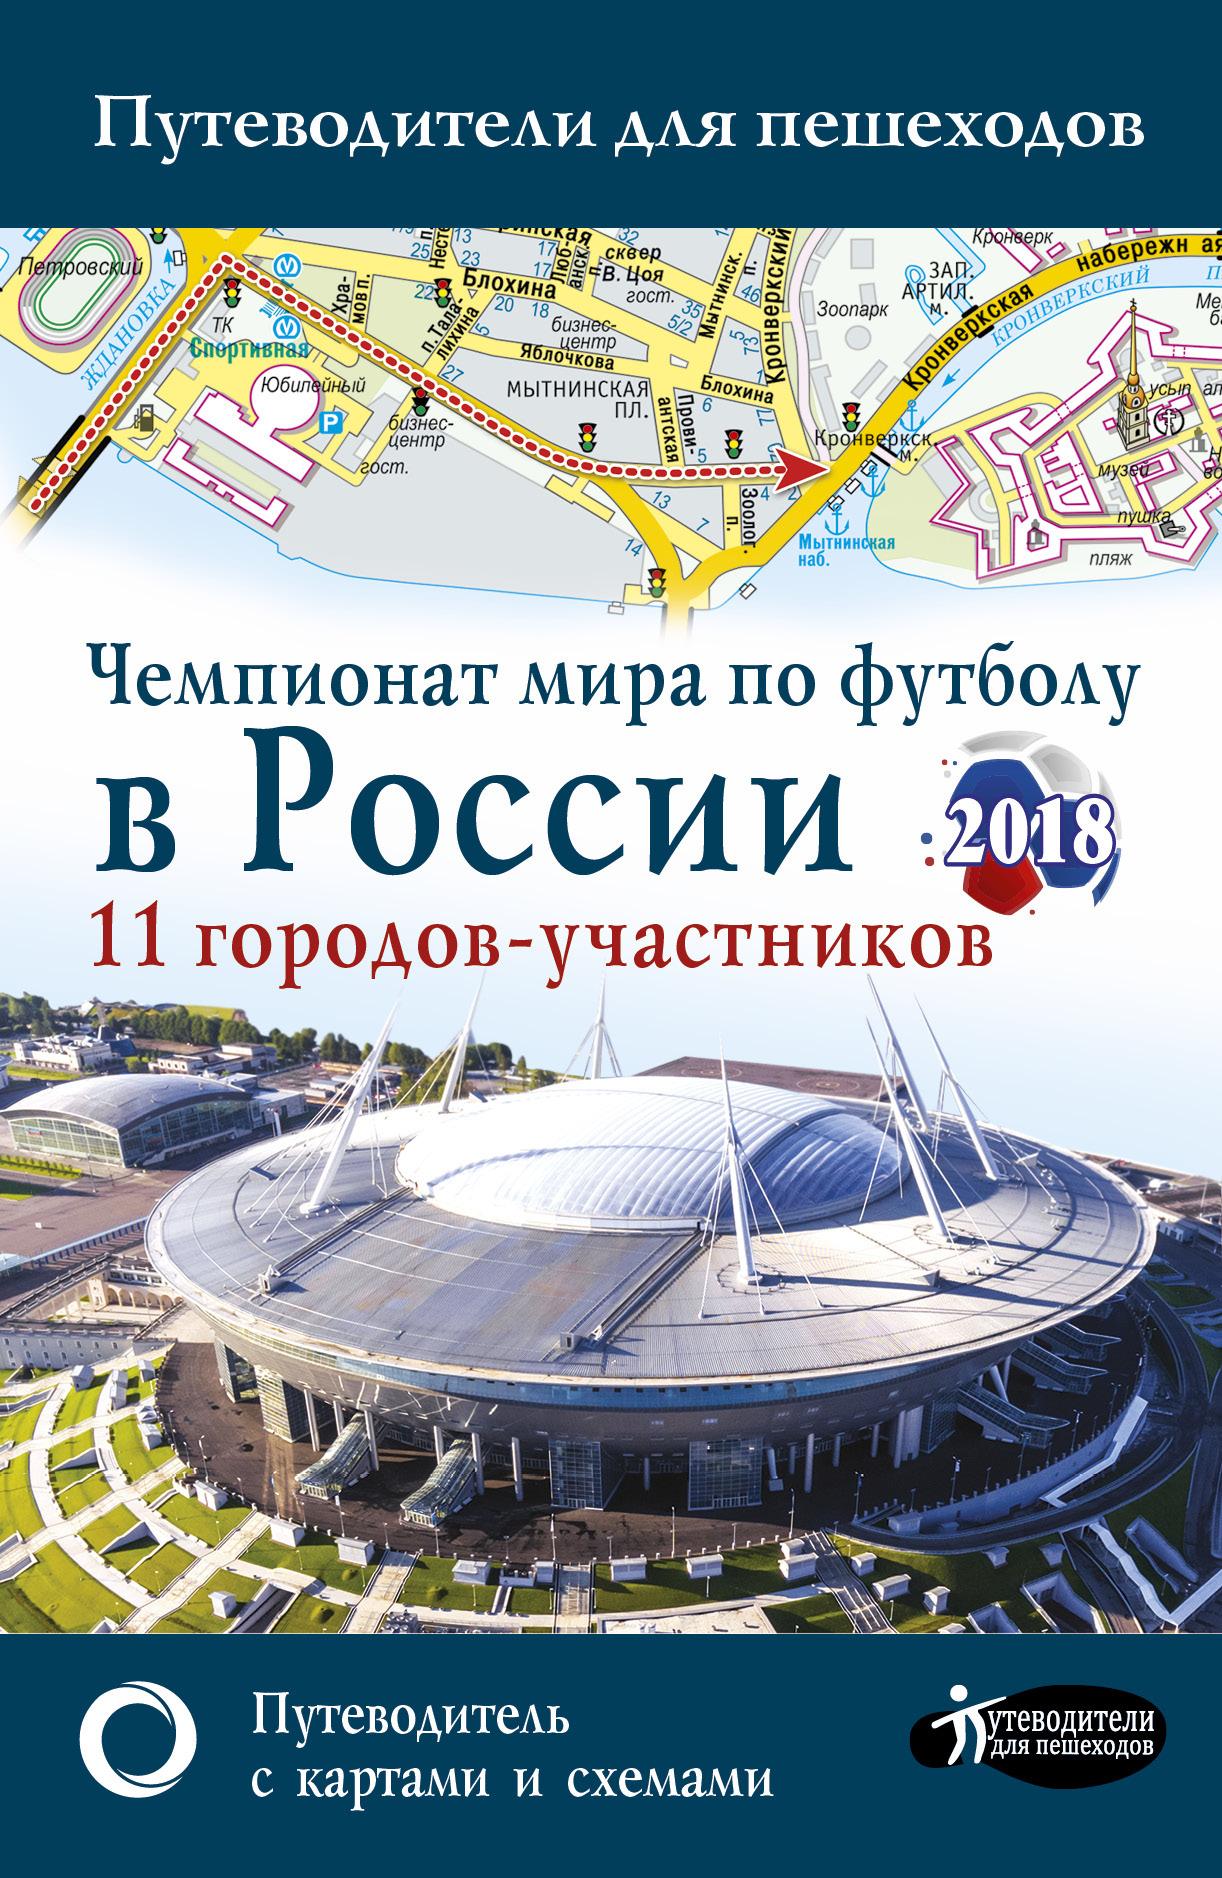 Отсутствует Чемпионат мира по футболу 2018 в России. Путеводитель по 11 городам-участникам